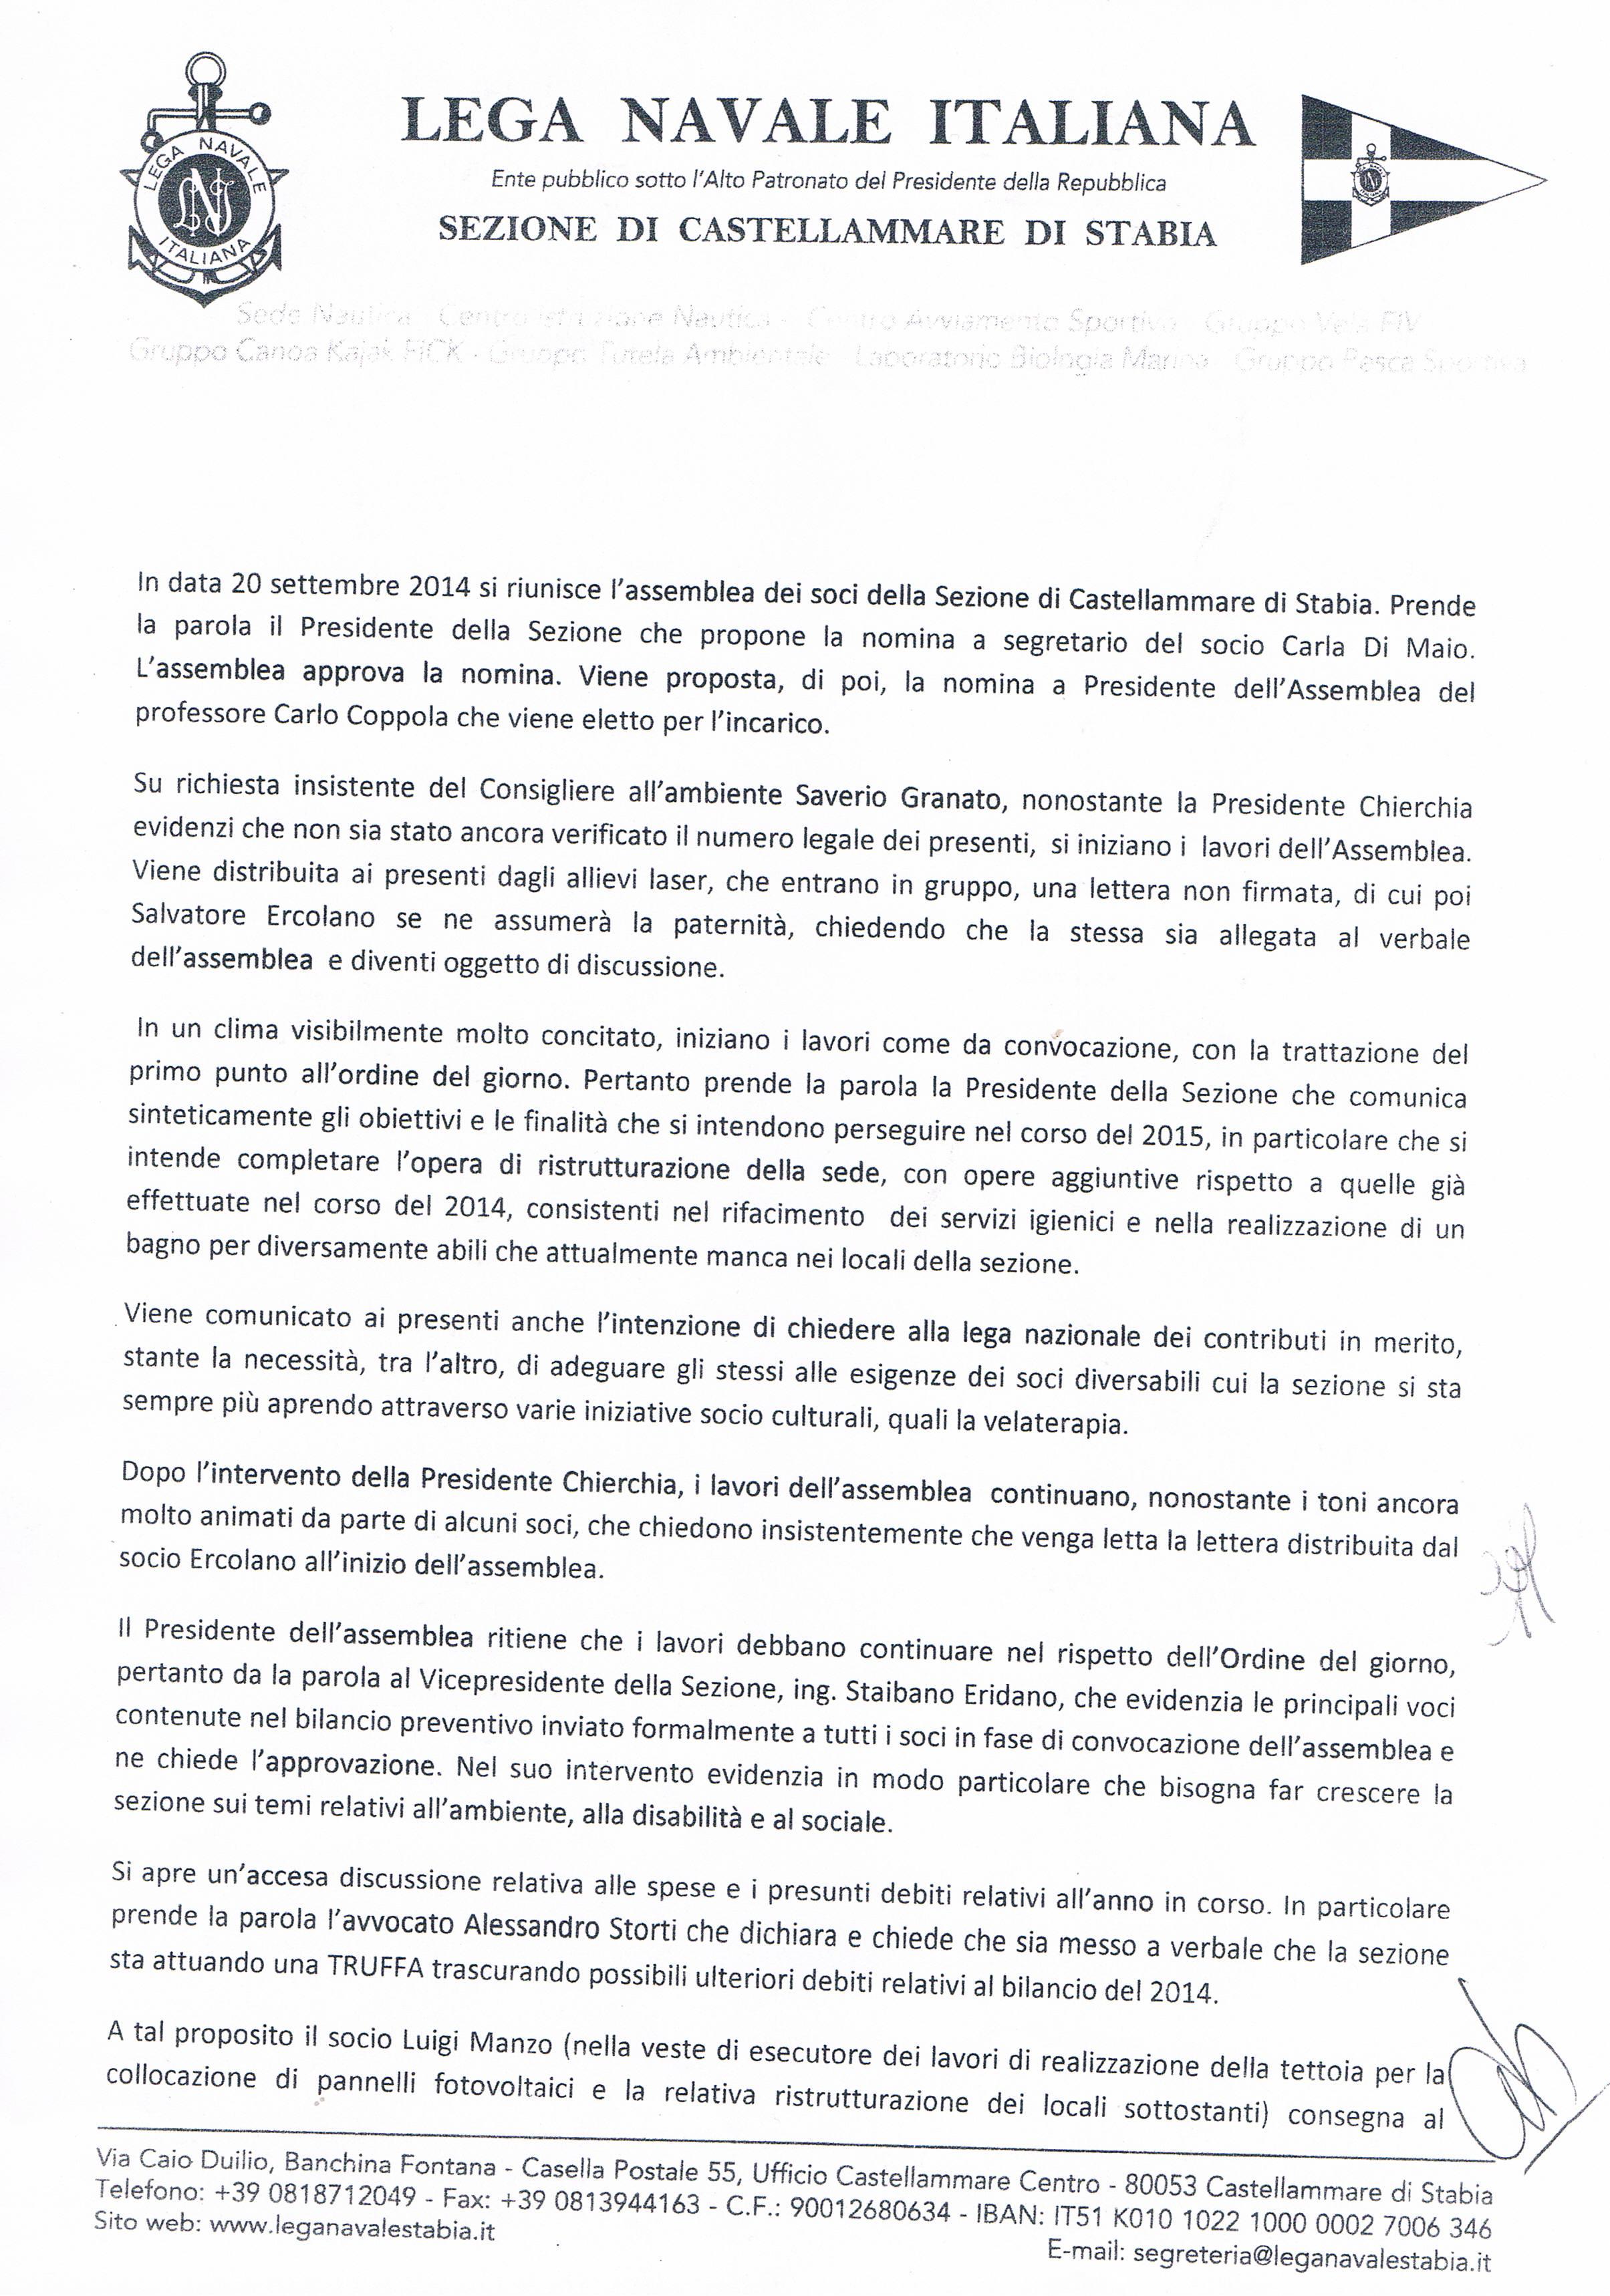 http://www.leganavalestabia.it/immagini_articoli/miniature/11417033929.jpg